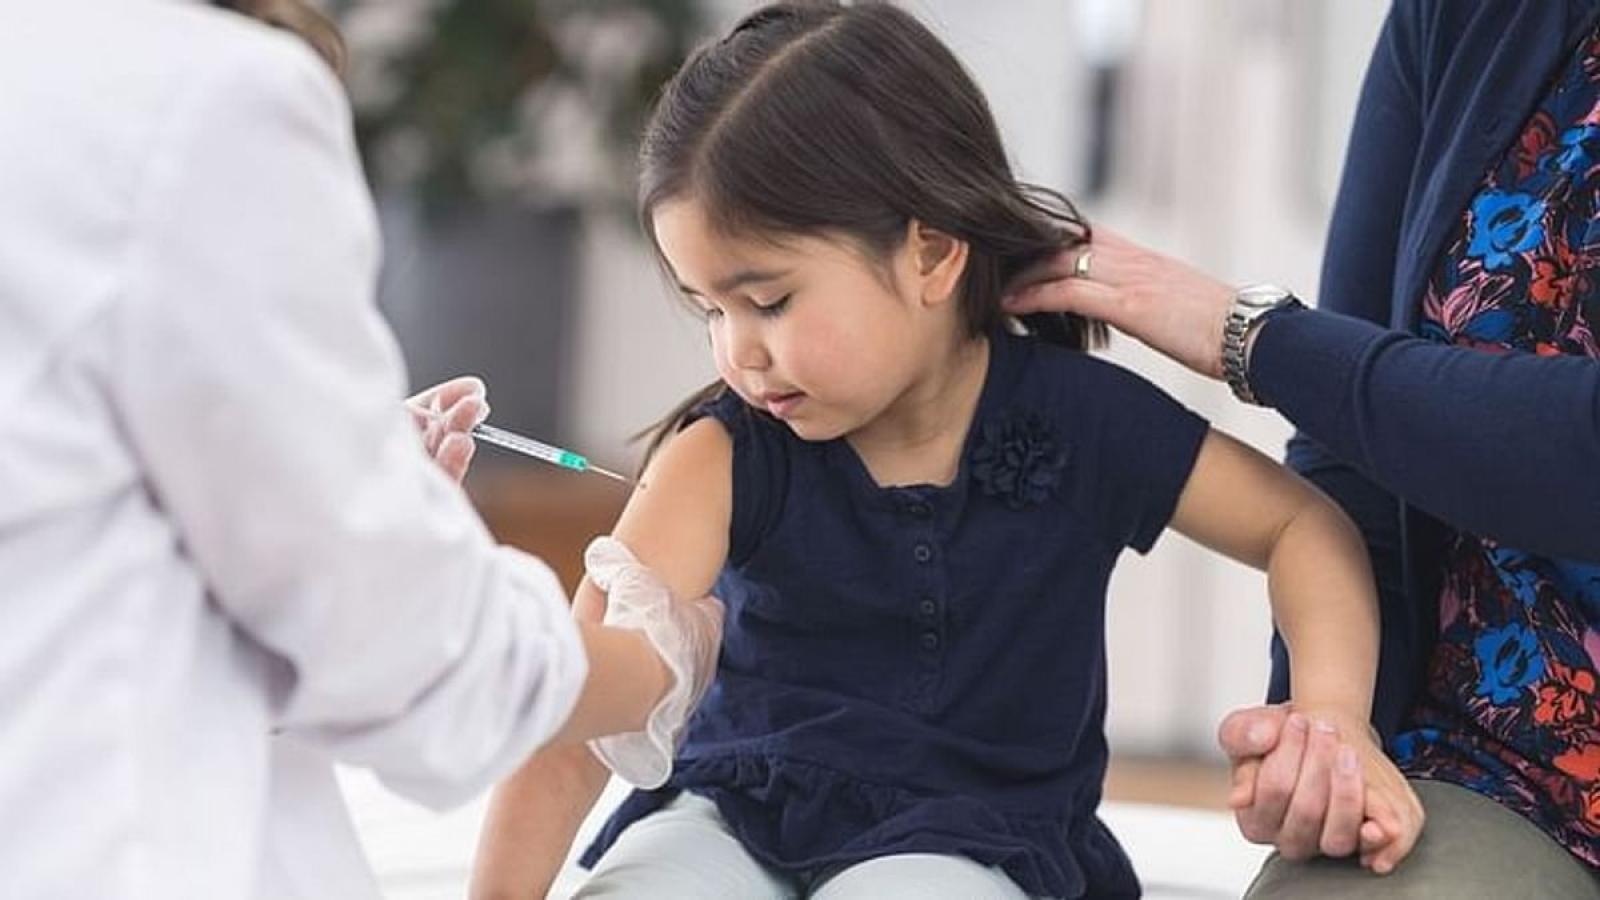 Khi nào trẻ em được tiêm vaccine Covid-19 và liệu có an toàn hay không?